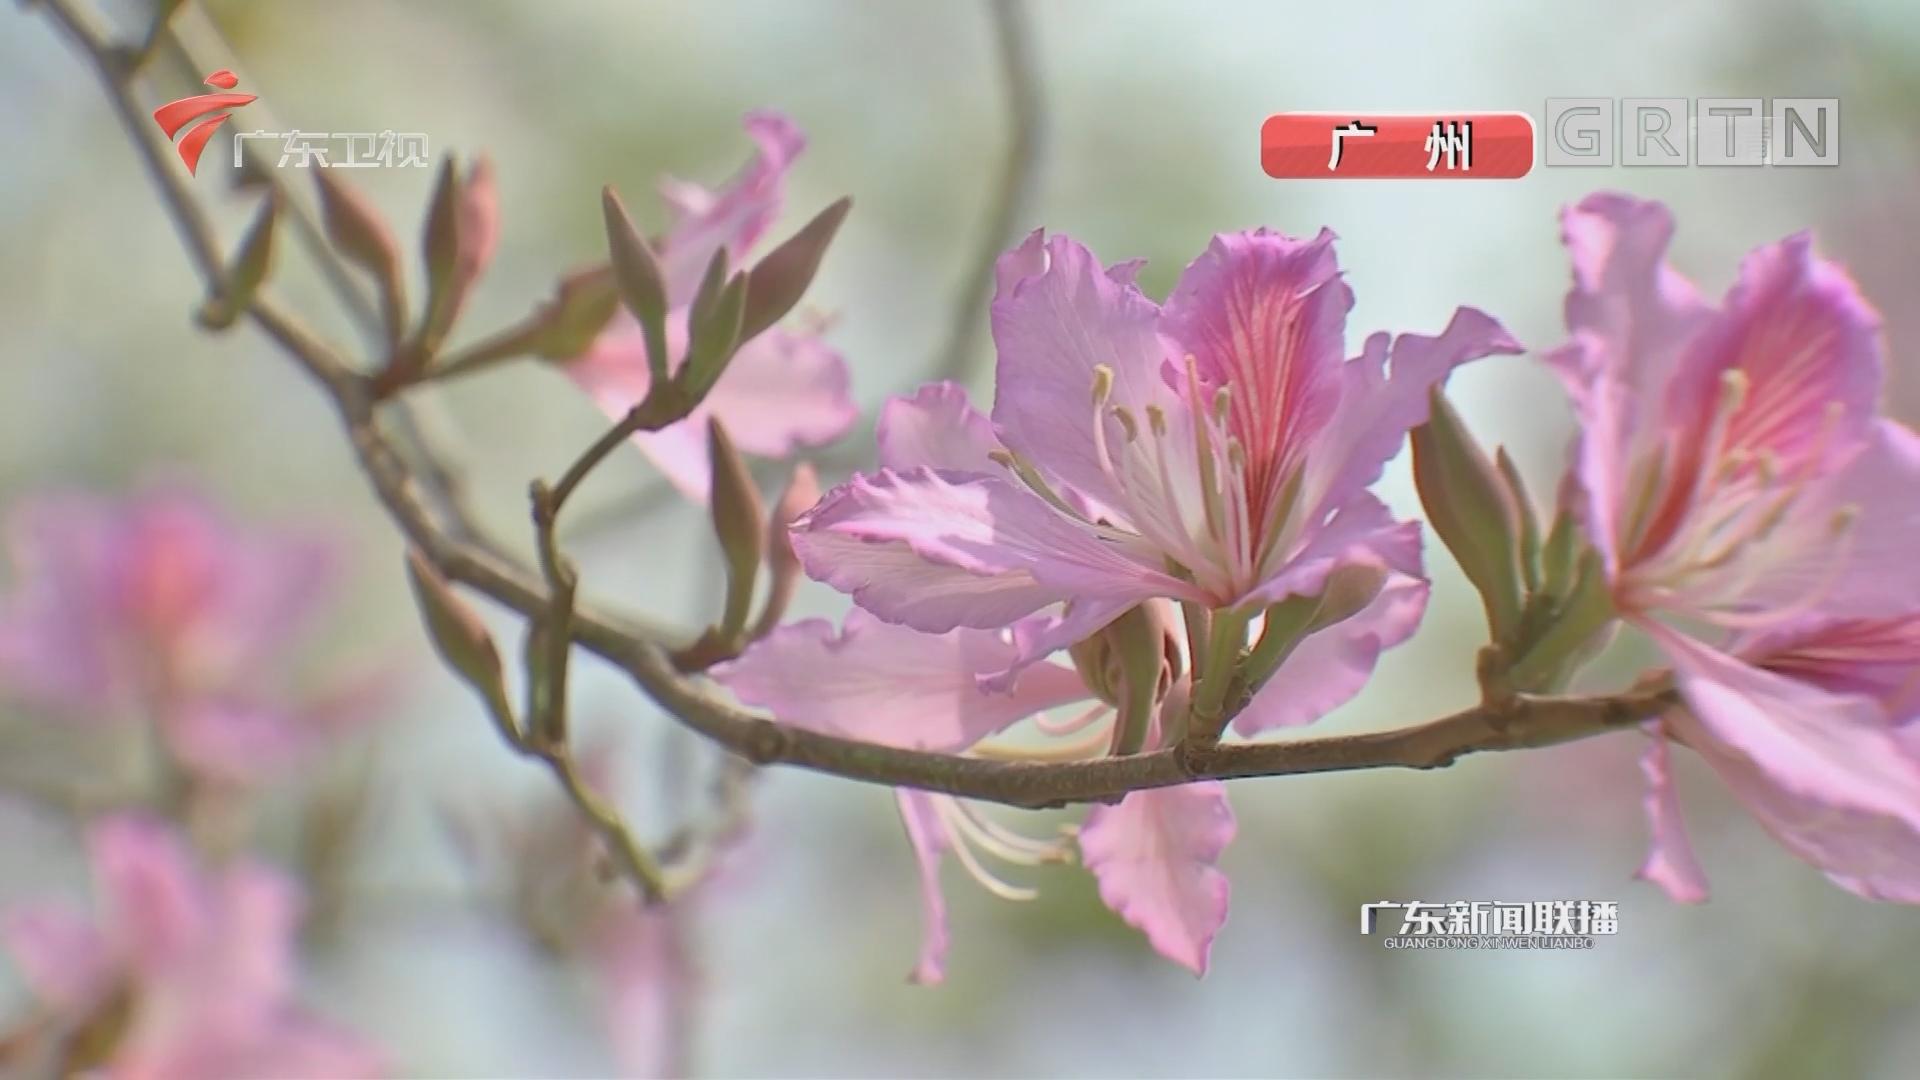 南粤大地春意浓 鲜花朵朵迎客来